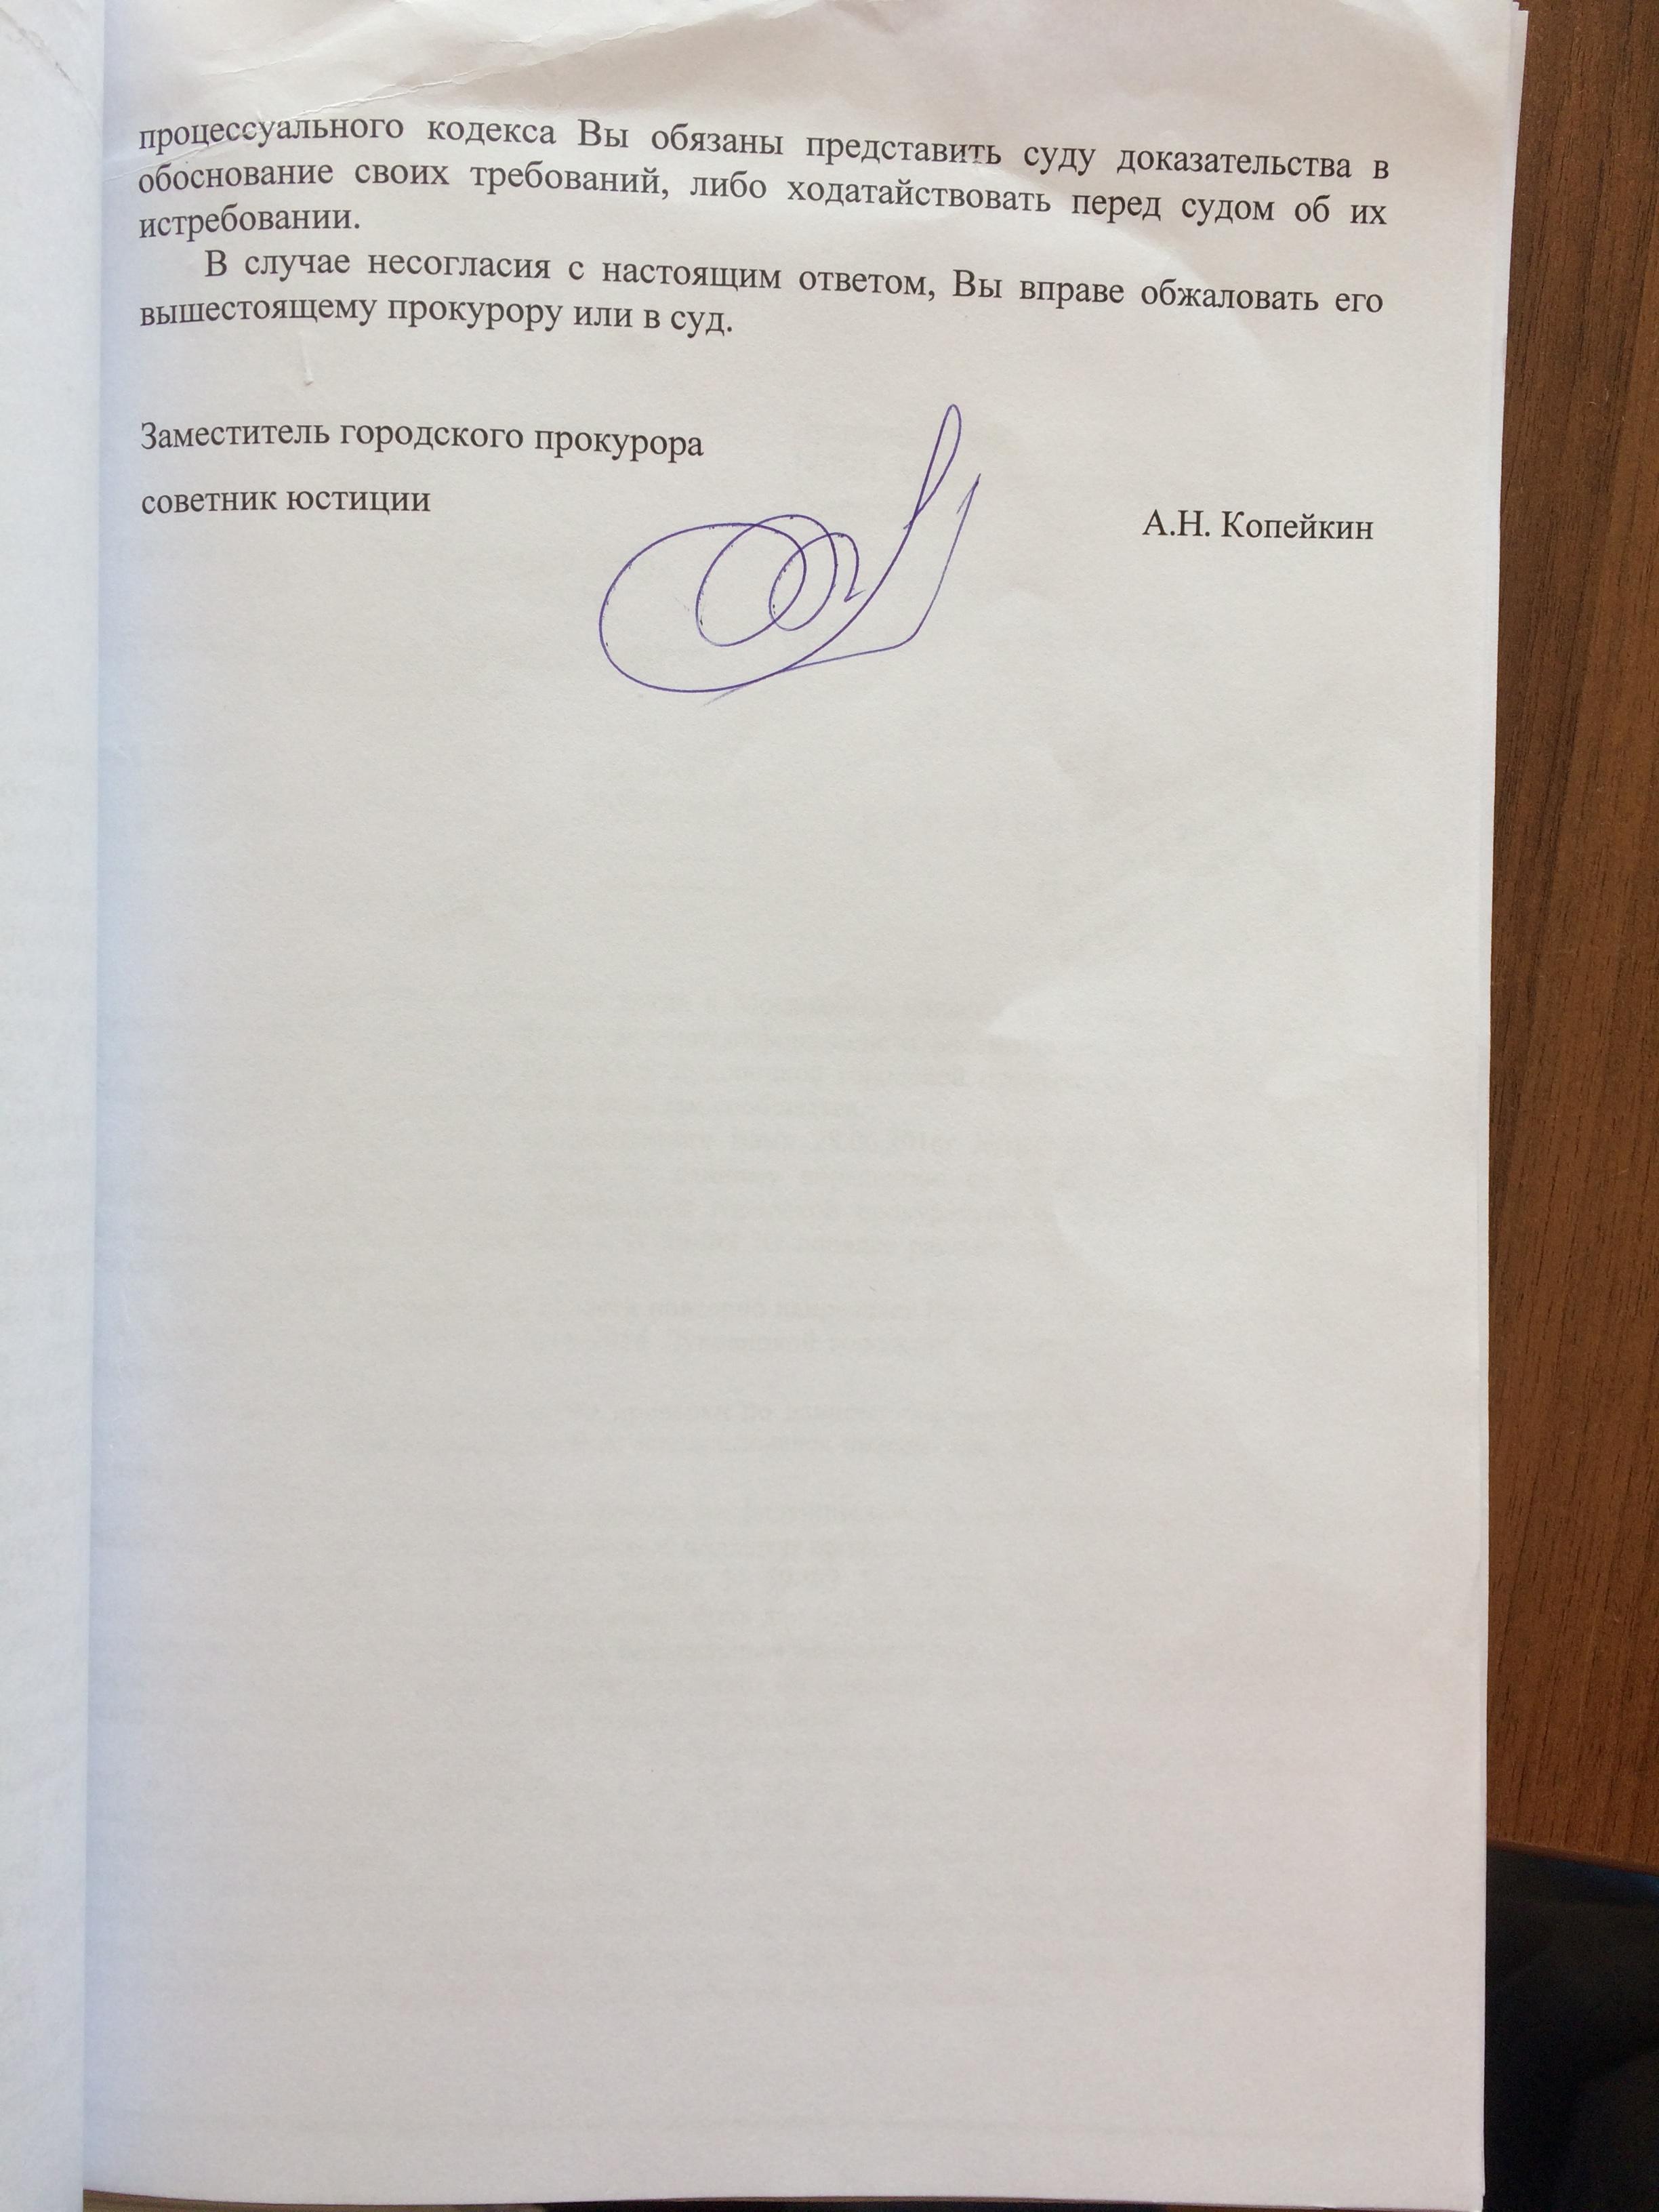 Фото документов проверки Луховицкой городской прокуратурой - 2 (5)